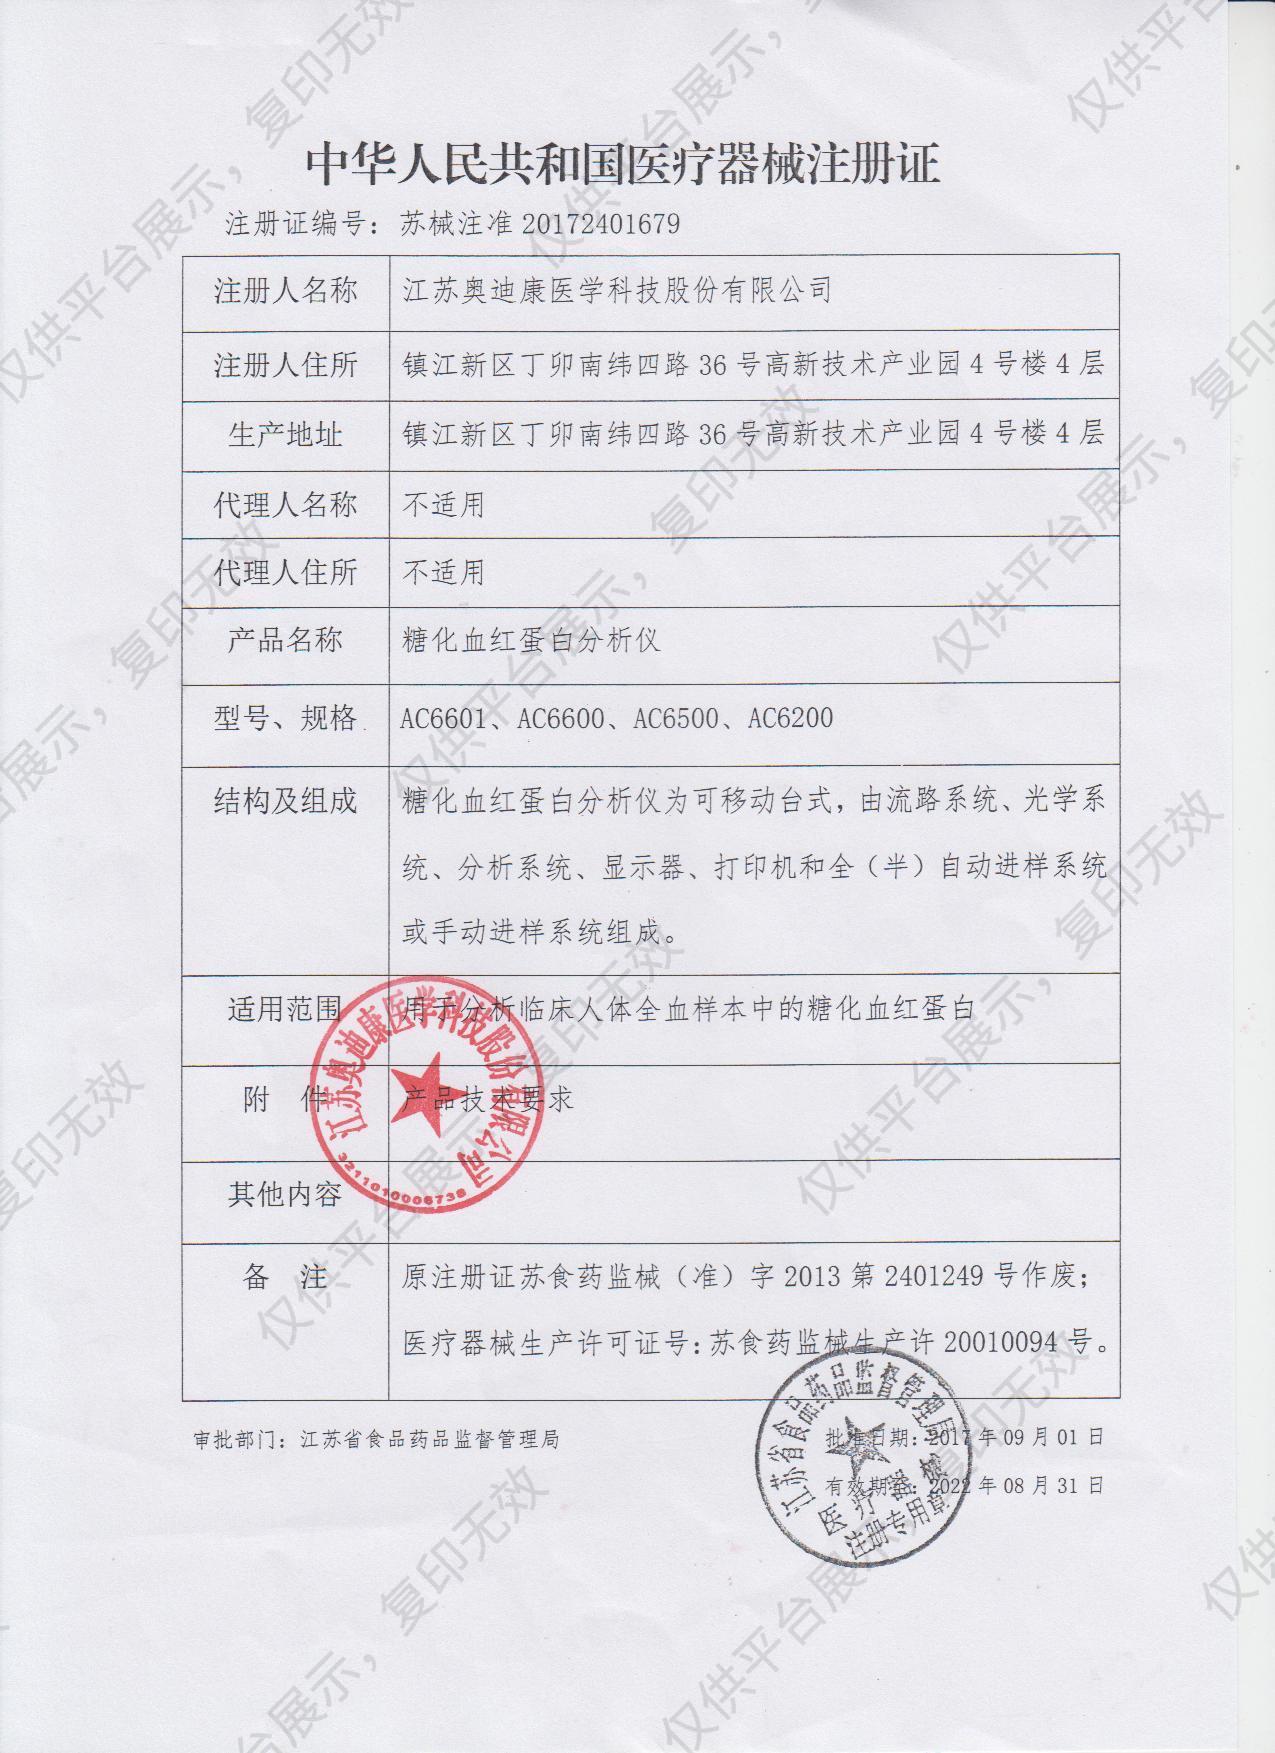 奥迪康 糖化血红蛋白分析仪AC6601注册证